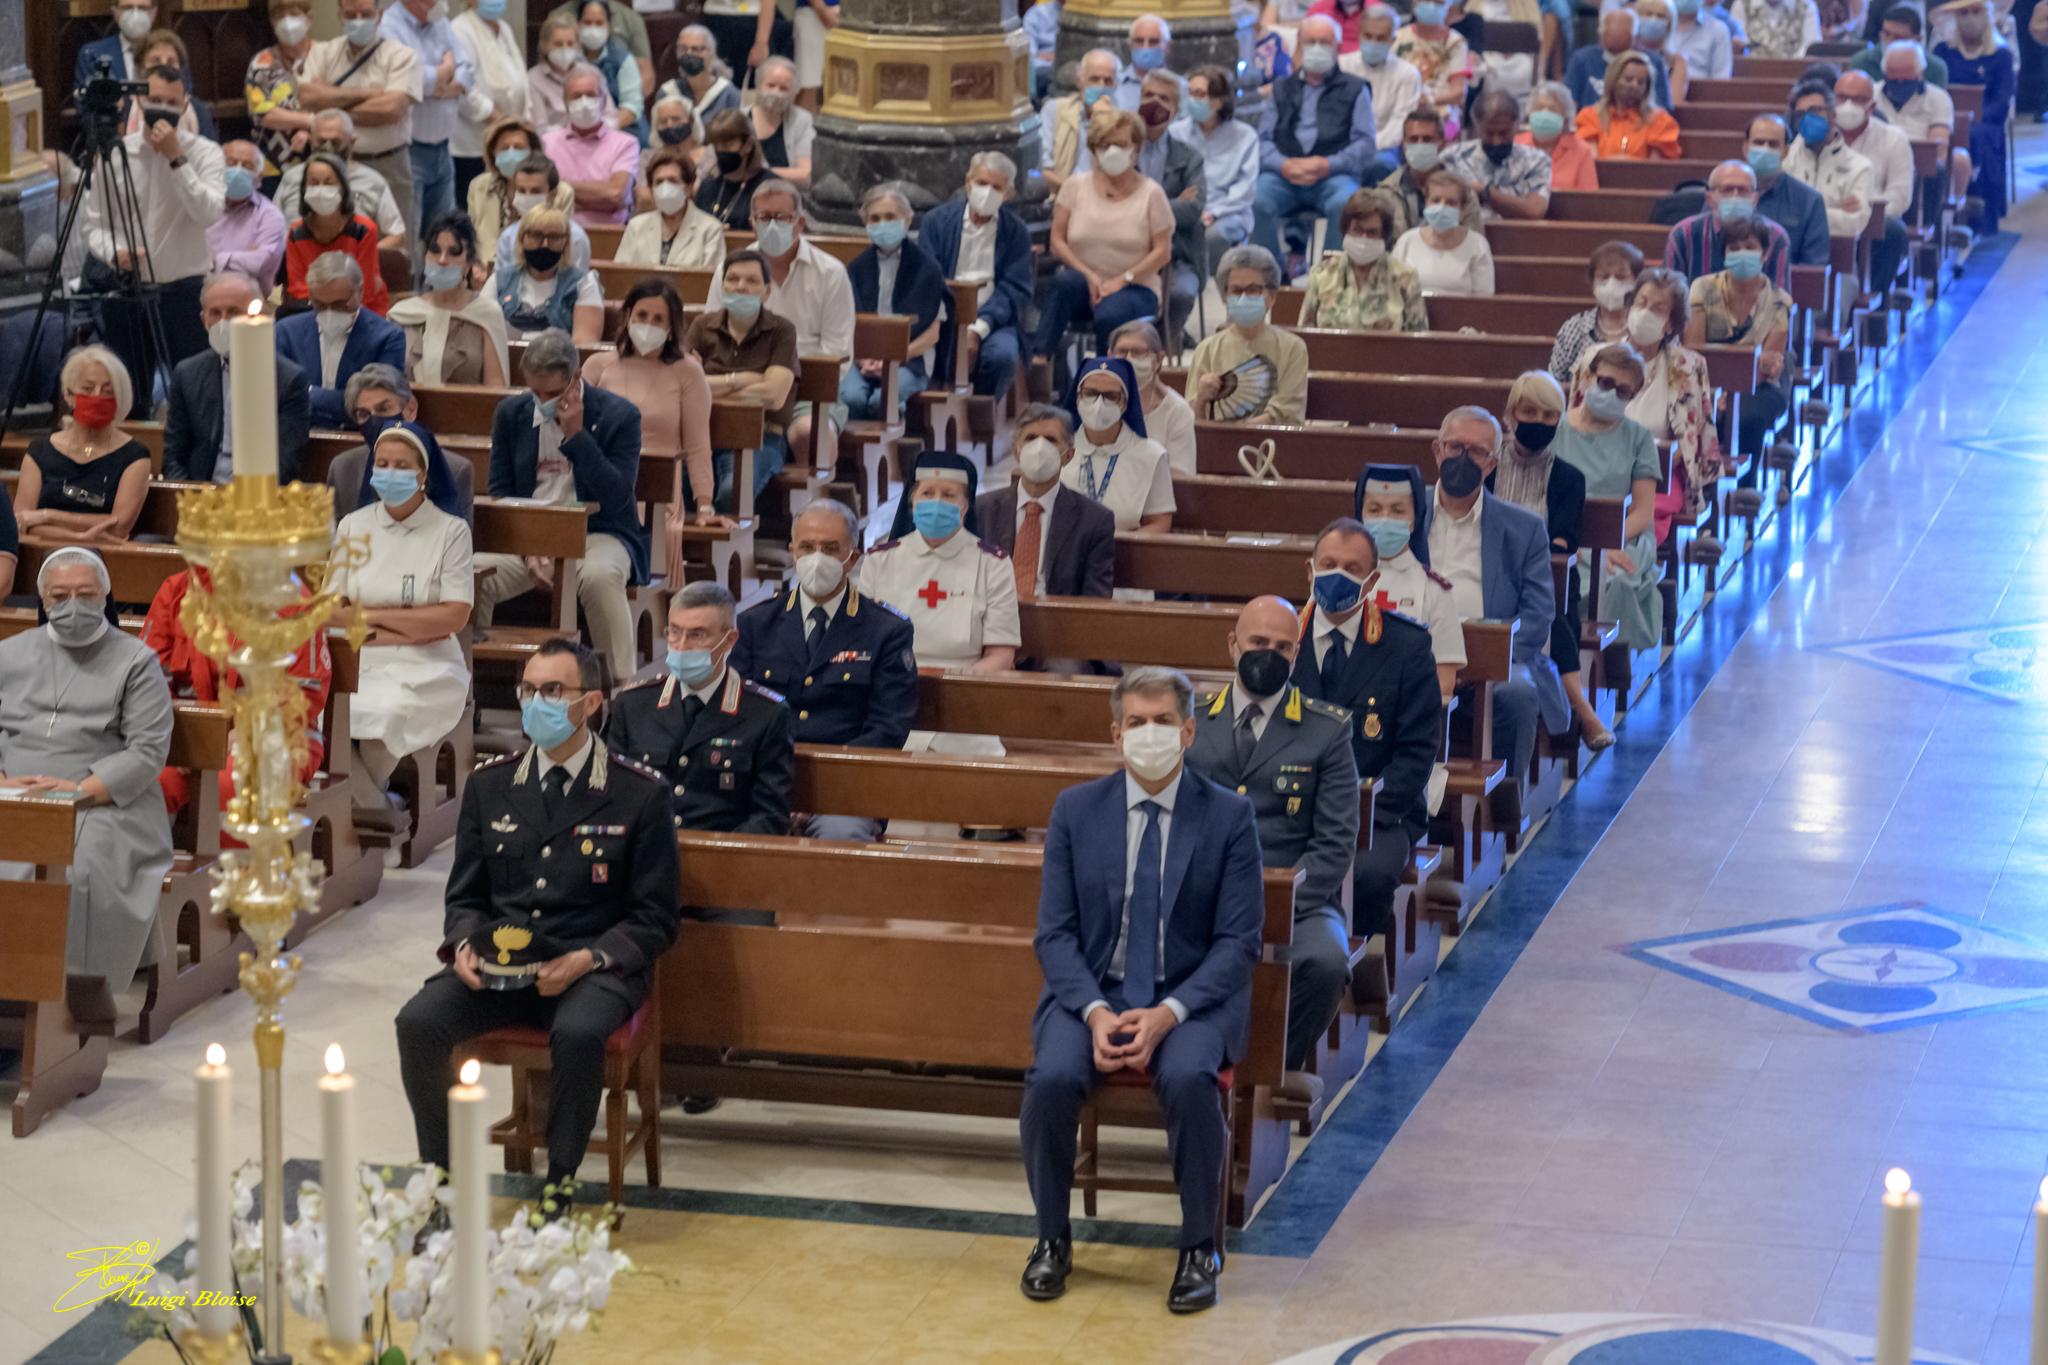 29-agosto-2021-pontificale-10.30-MdG-–-FOTO_mdg_-136